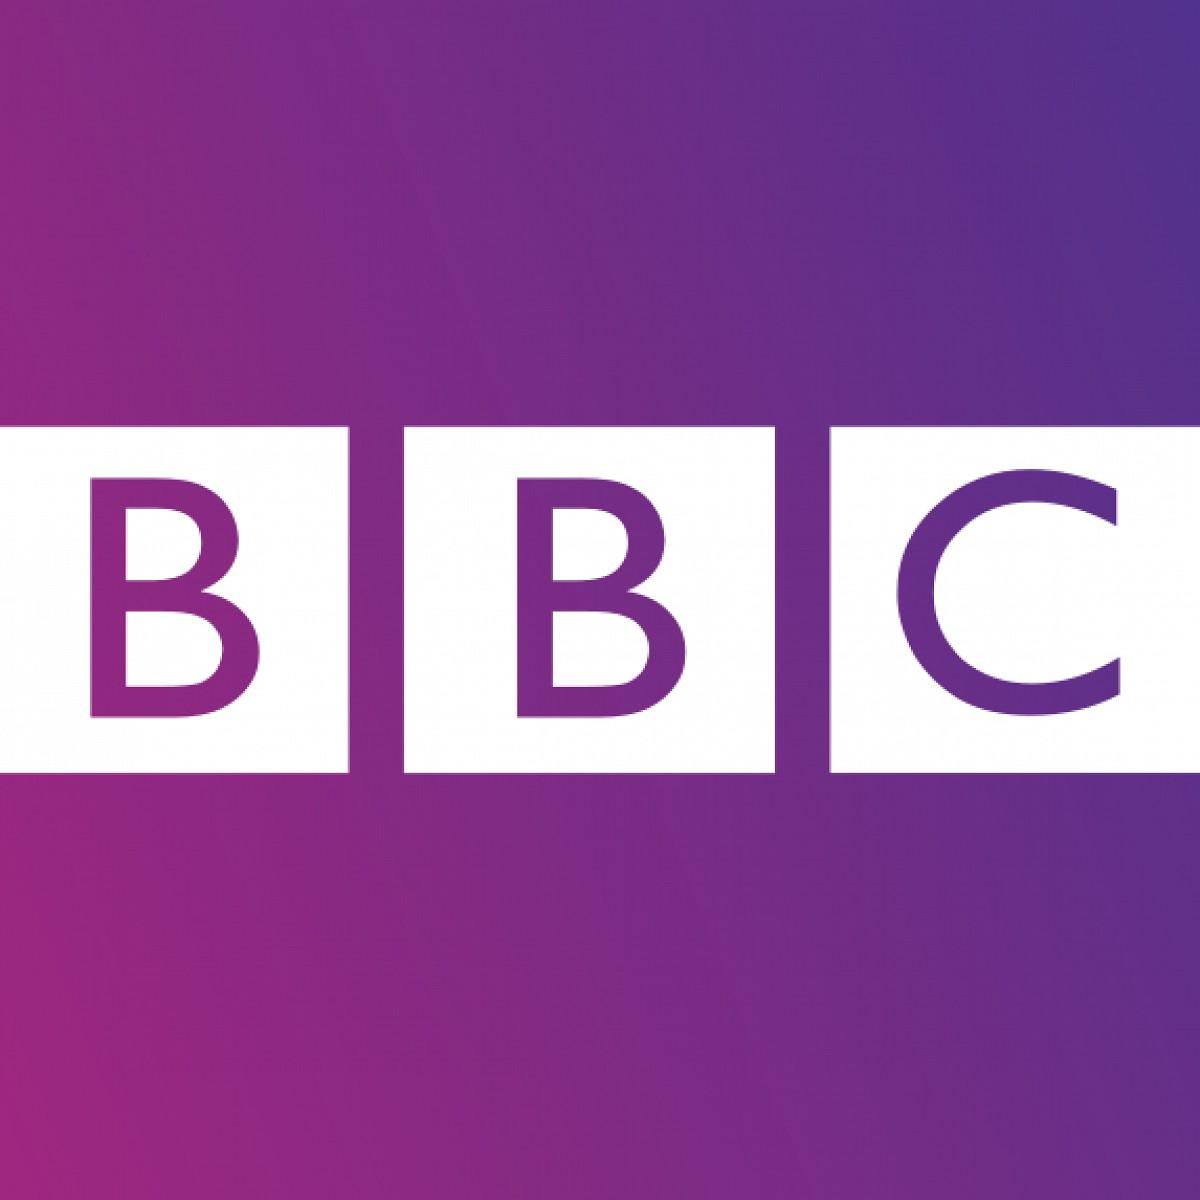 Greta Thunberg wird TV-Star: Dokuserie mit Klimaschutzaktivistin geplant/Bild: BBC